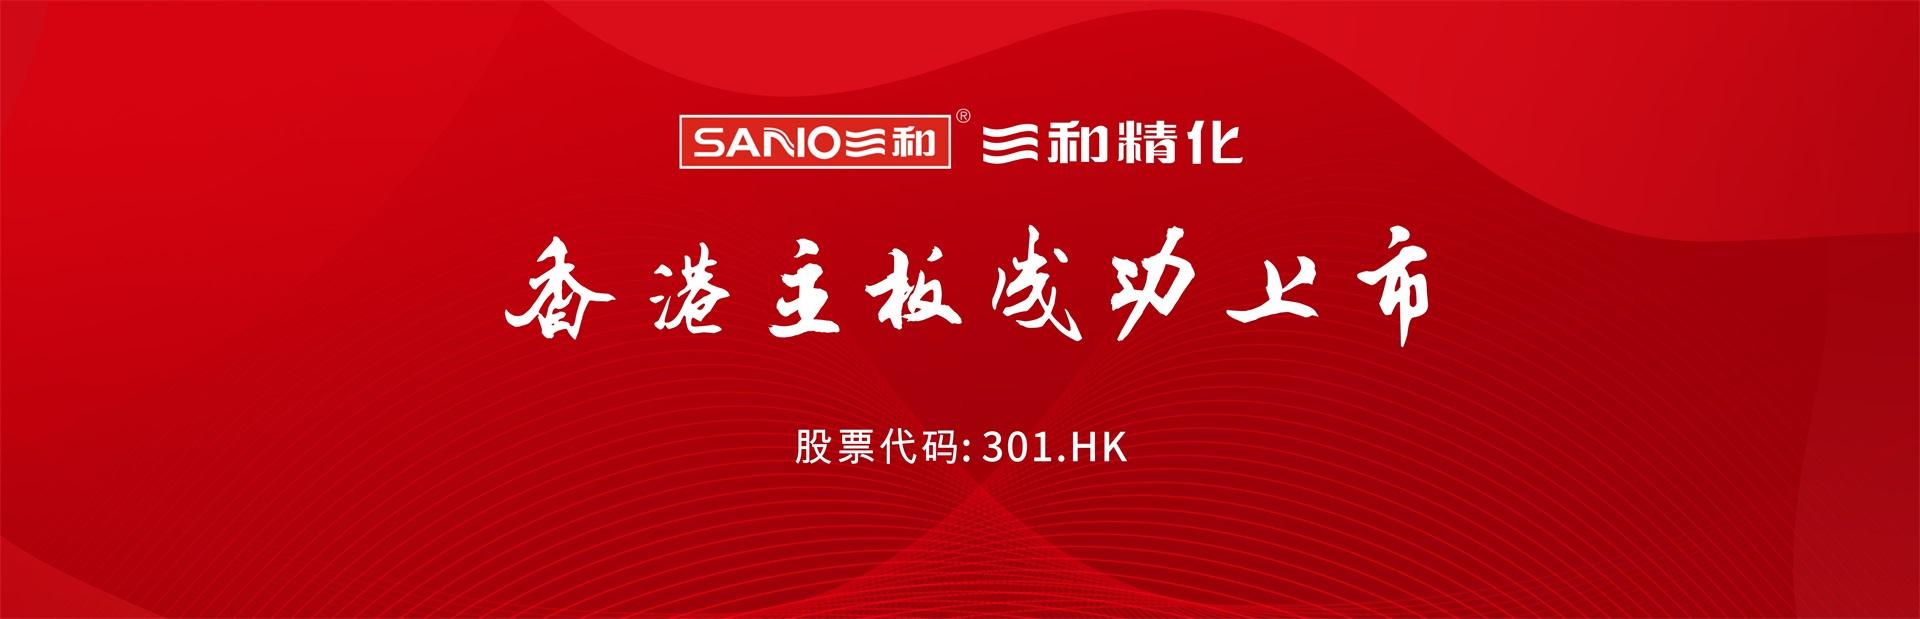 三和万博体育xman香港主板上市